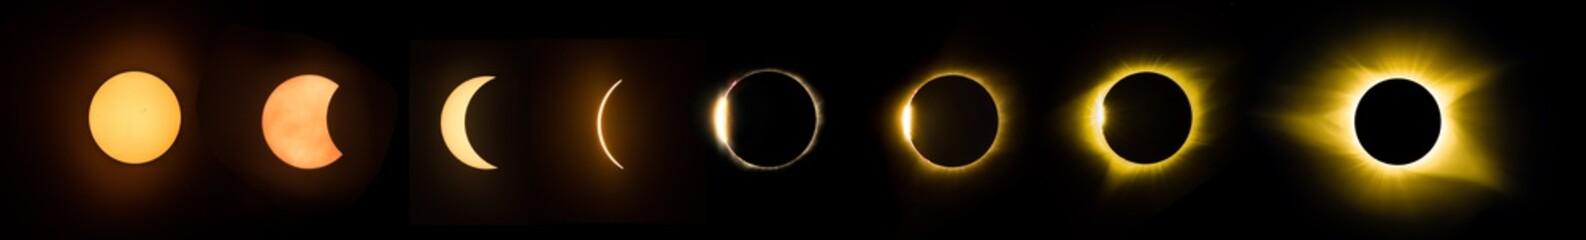 Solar Eclipse pahses - 2017